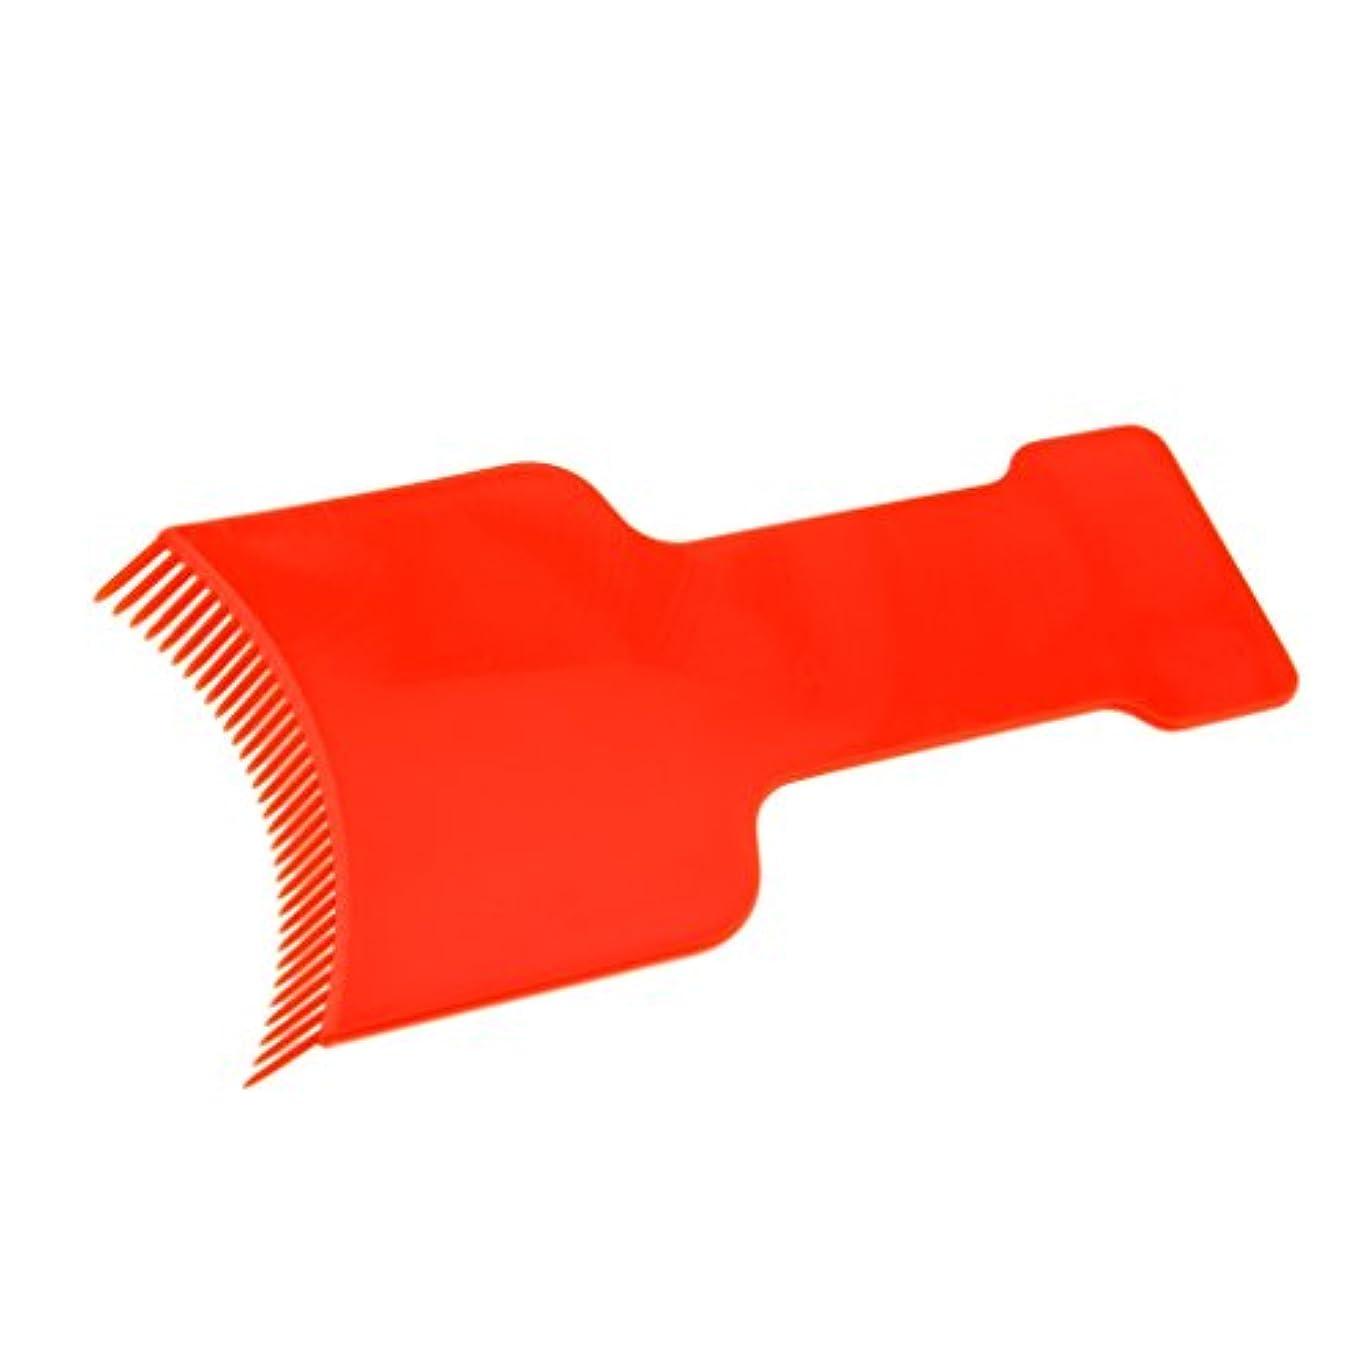 解凍する、雪解け、霜解けボルト昇進ヘアダイコーム ヘアダイブラシ 染色ボード 理髪店 美容院 アクセサリー 便利